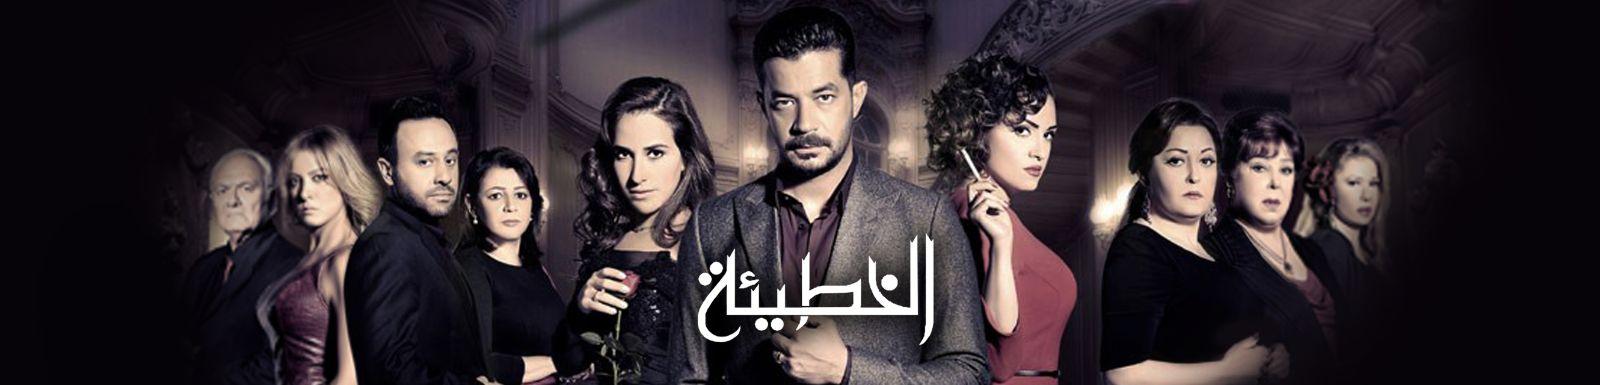 مشاهدة مسلسل الخطيئة الحلقة 28 الثامنة والعشرون 2014 كاملة mbc